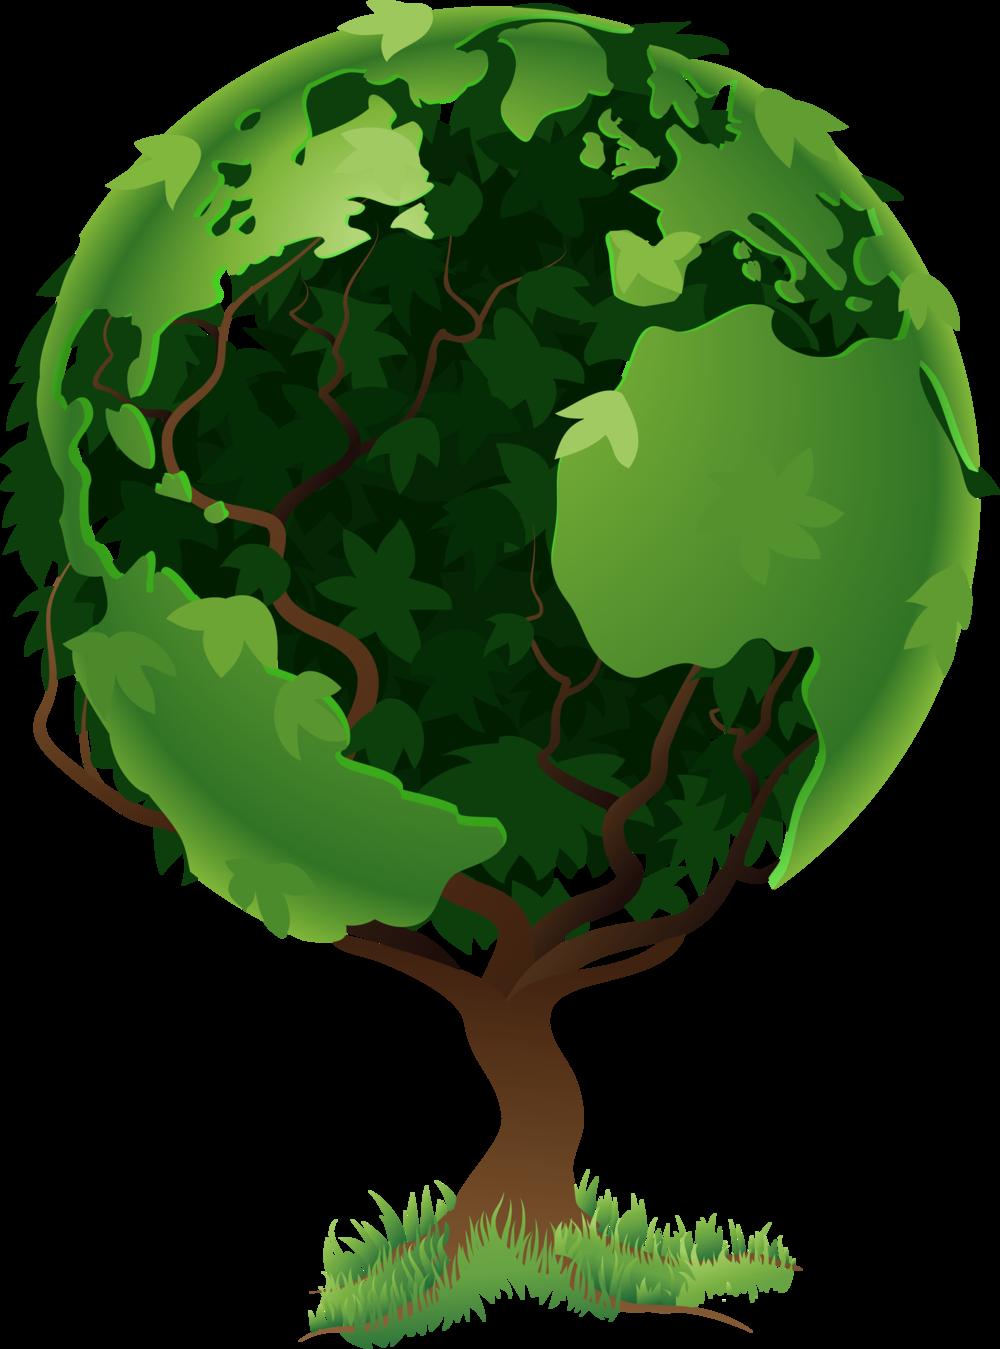 Green Earth Png 71503 | RIMEDIA